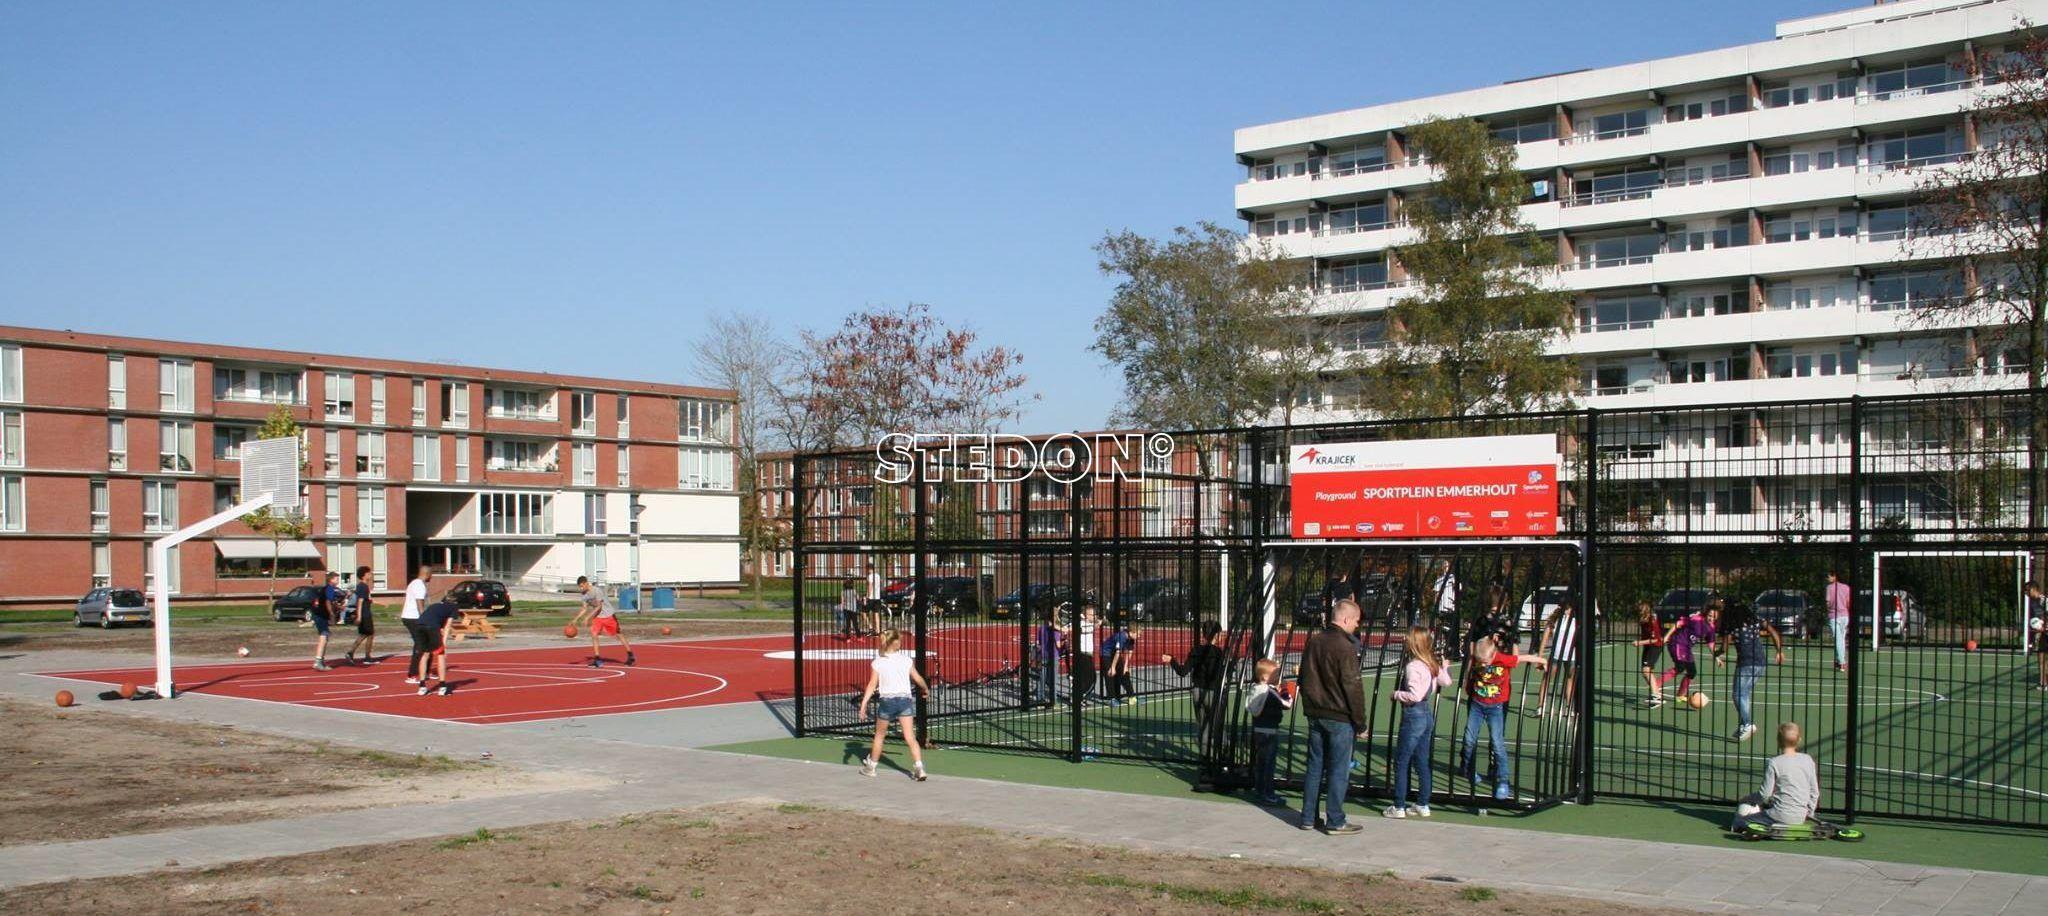 Emmerhout-10-e1510566773355